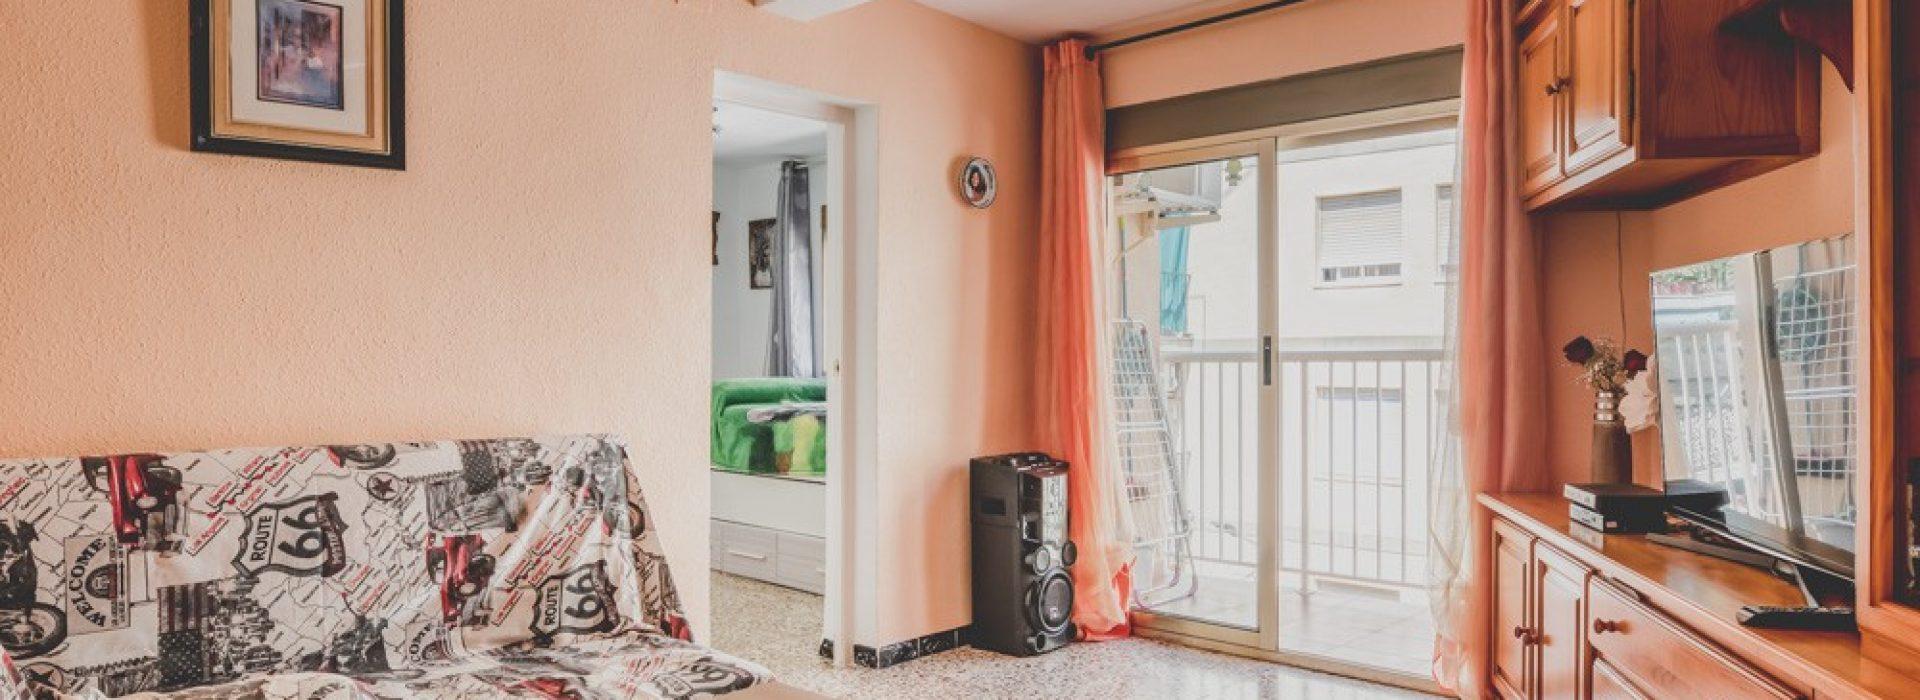 apartament-w-centrum-benidorm-tylko-150-metrow-od-plazy-4-24435